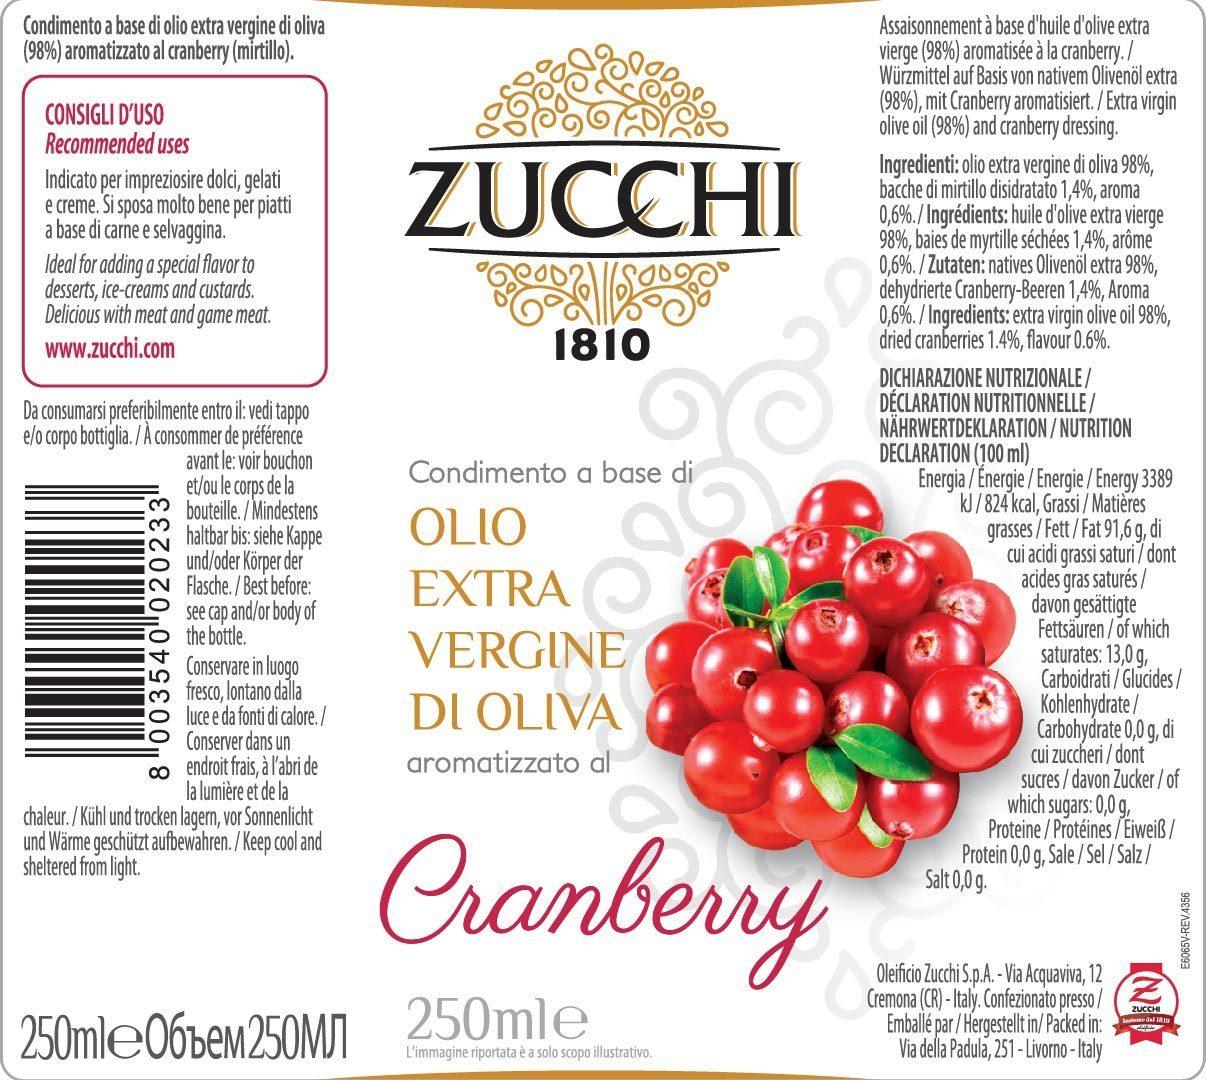 etichetta-cranberry-250